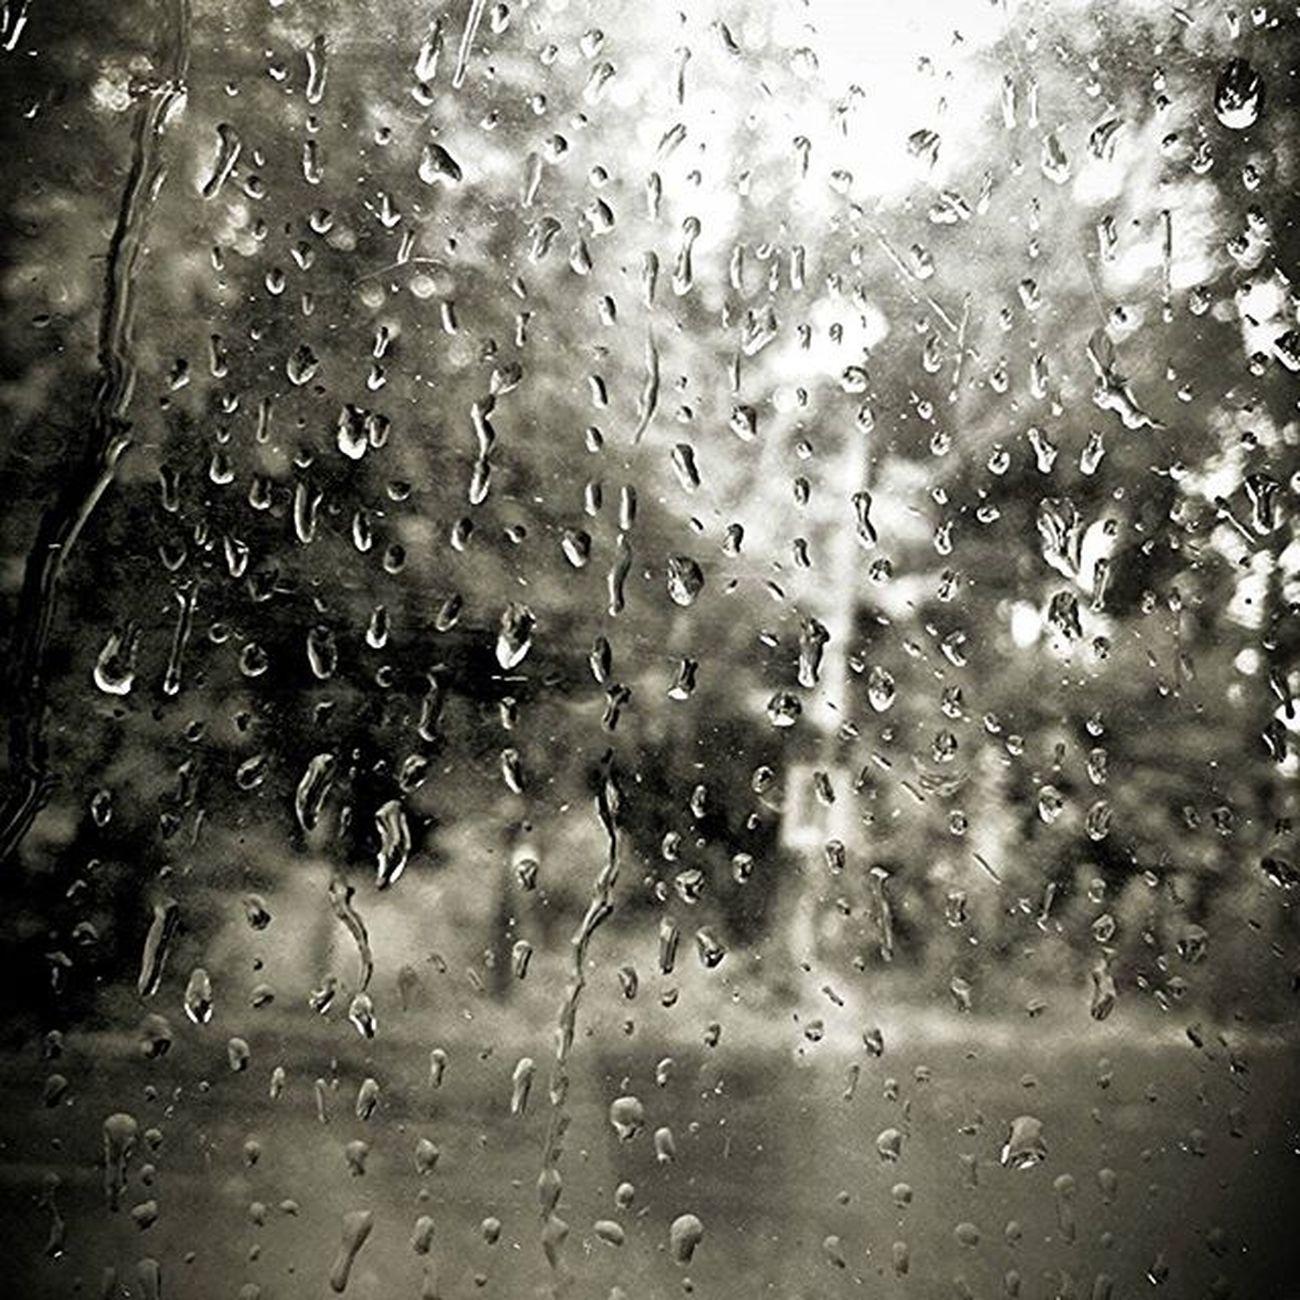 Дождь бьёт по стёклам всю ночь напролет, мы у него в плену. Rain beats against the windows all night. We had in captivity. Omsk Siberiansummer Siberia Rain Tearsofglass омск сибирскоелето сибирь слезыстекла Дождь